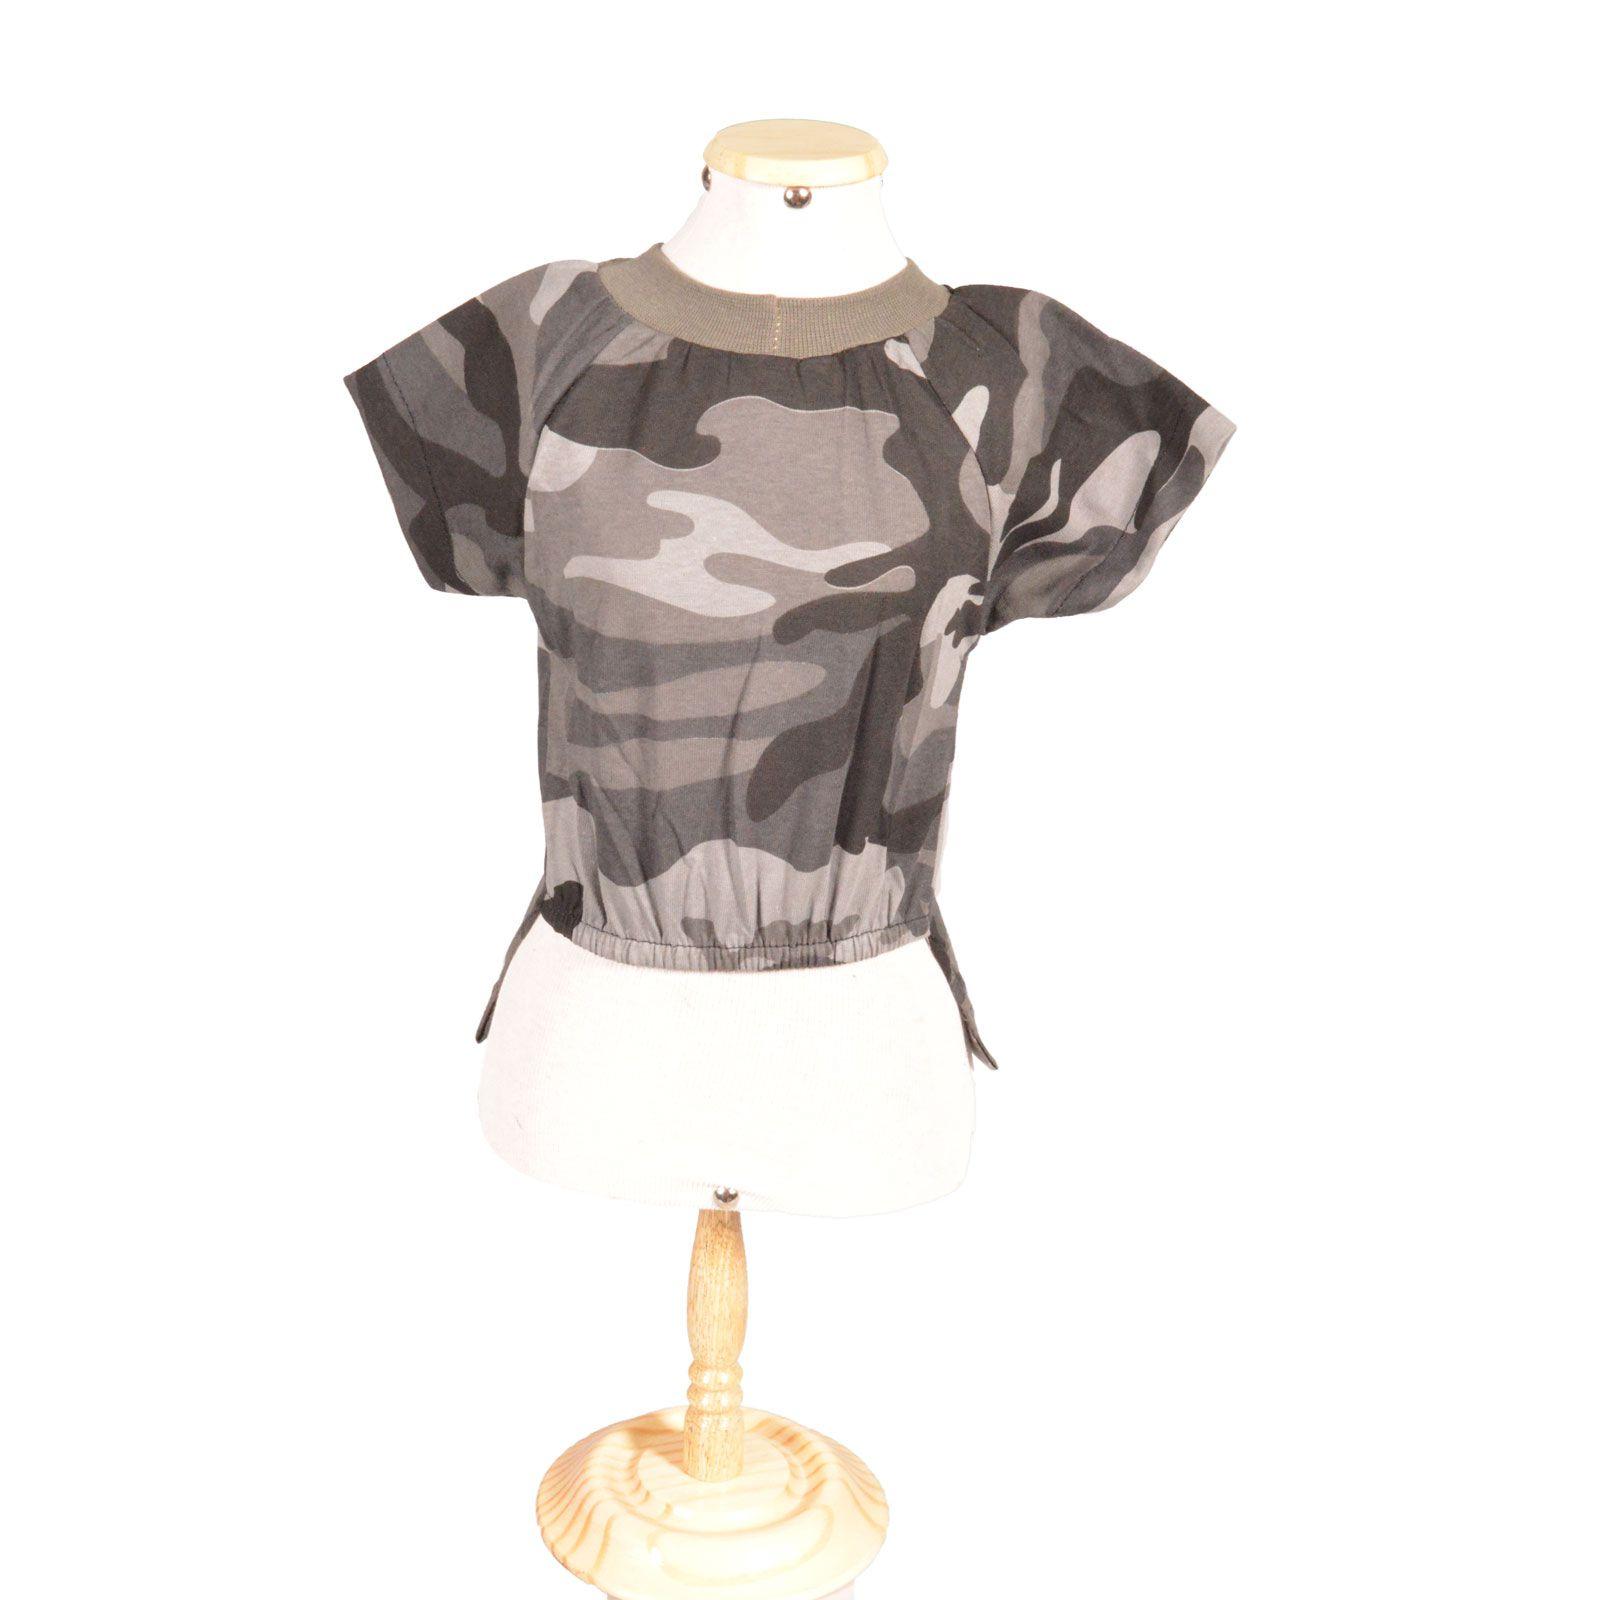 Camiseta Camuflada com bolso traseiro